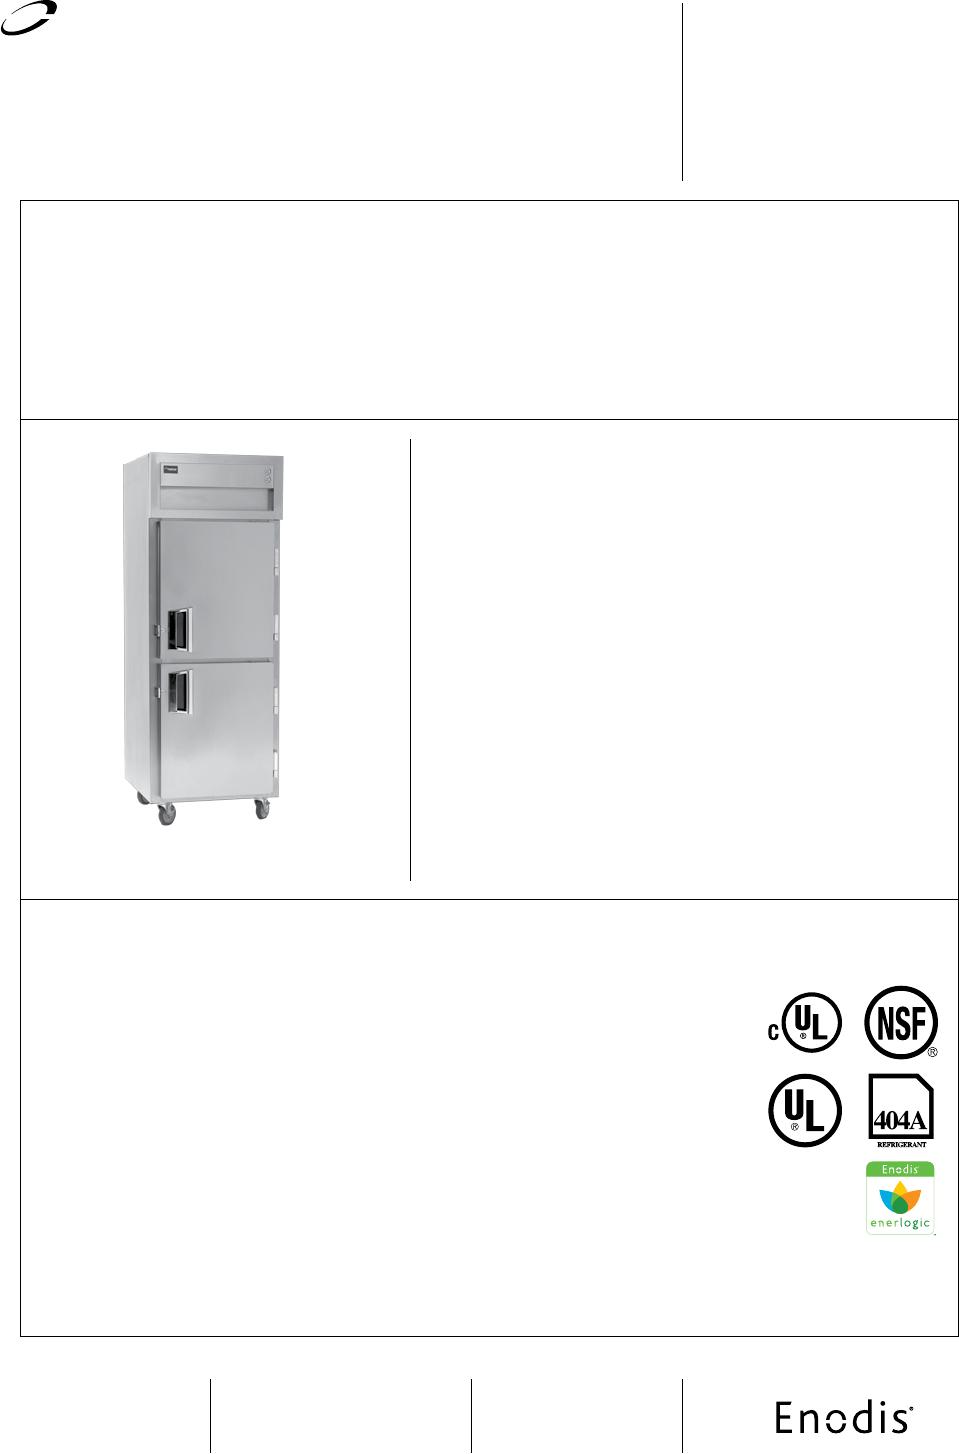 Delfield SSDBR1-SH Refrigerator User Manual